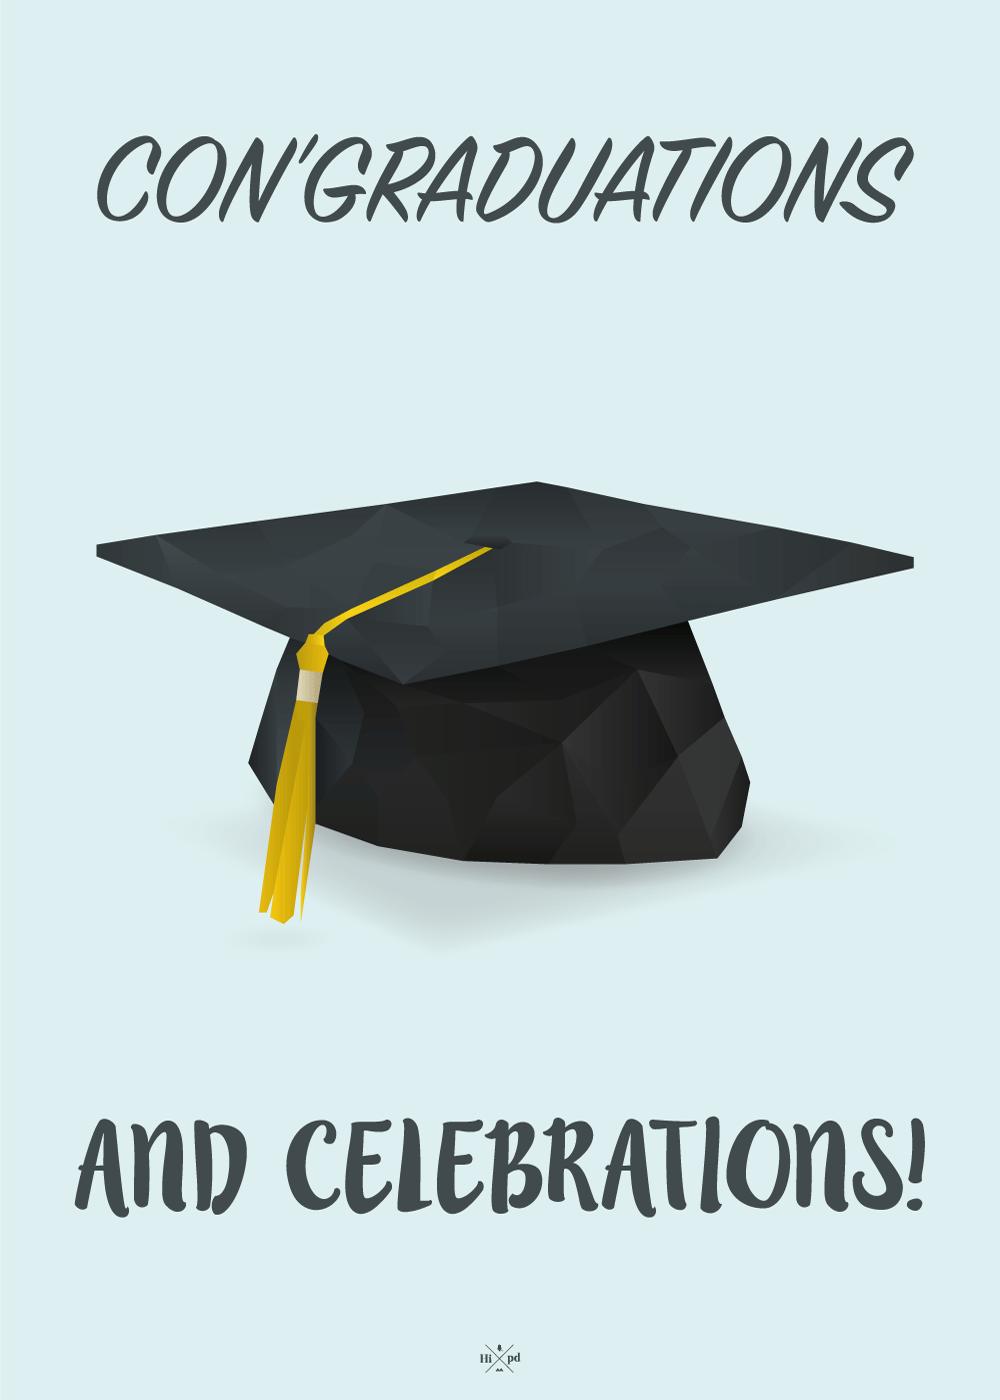 Con'graduations